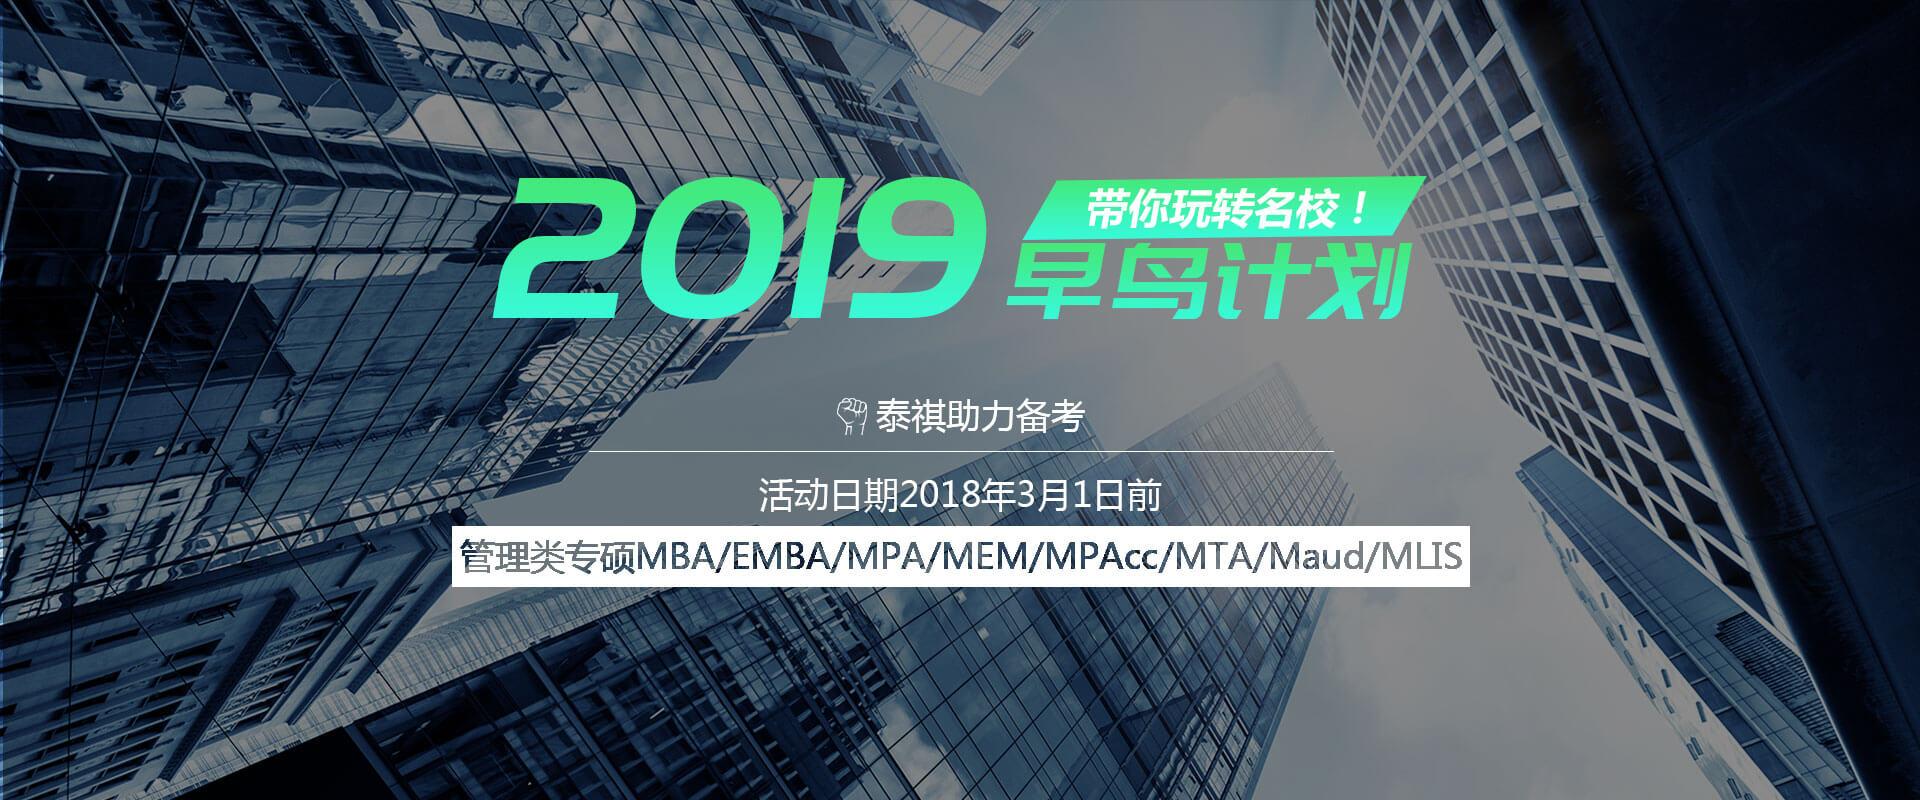 泰祺助力备考2019年早鸟计划--南京